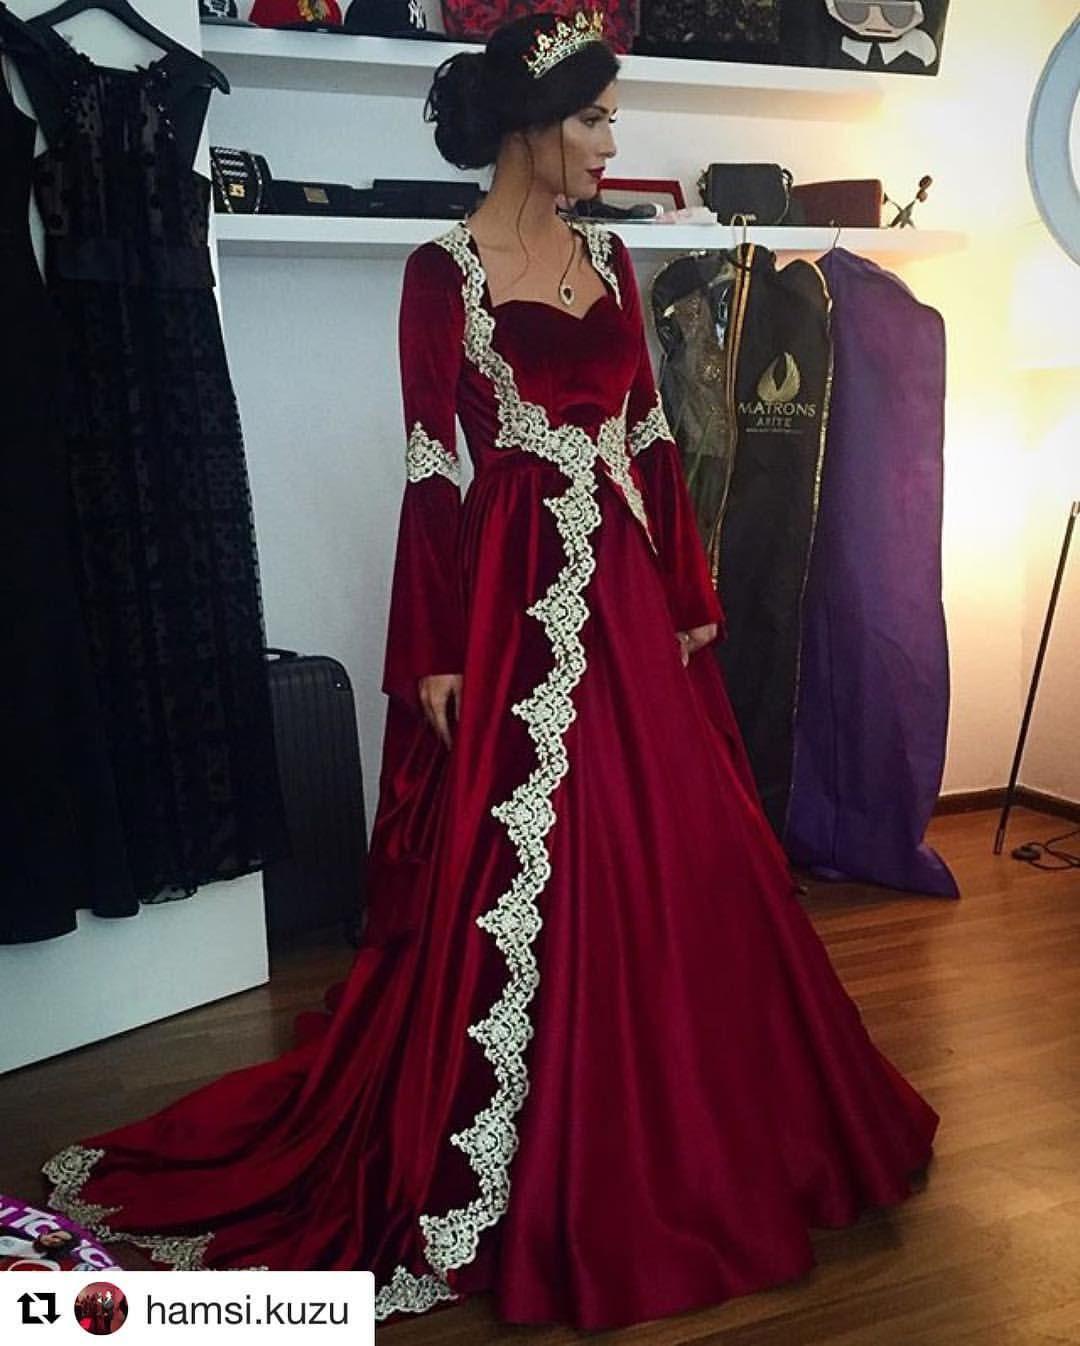 13 Einfach Kleid Für Henna Abend Vertrieb13 Kreativ Kleid Für Henna Abend Ärmel